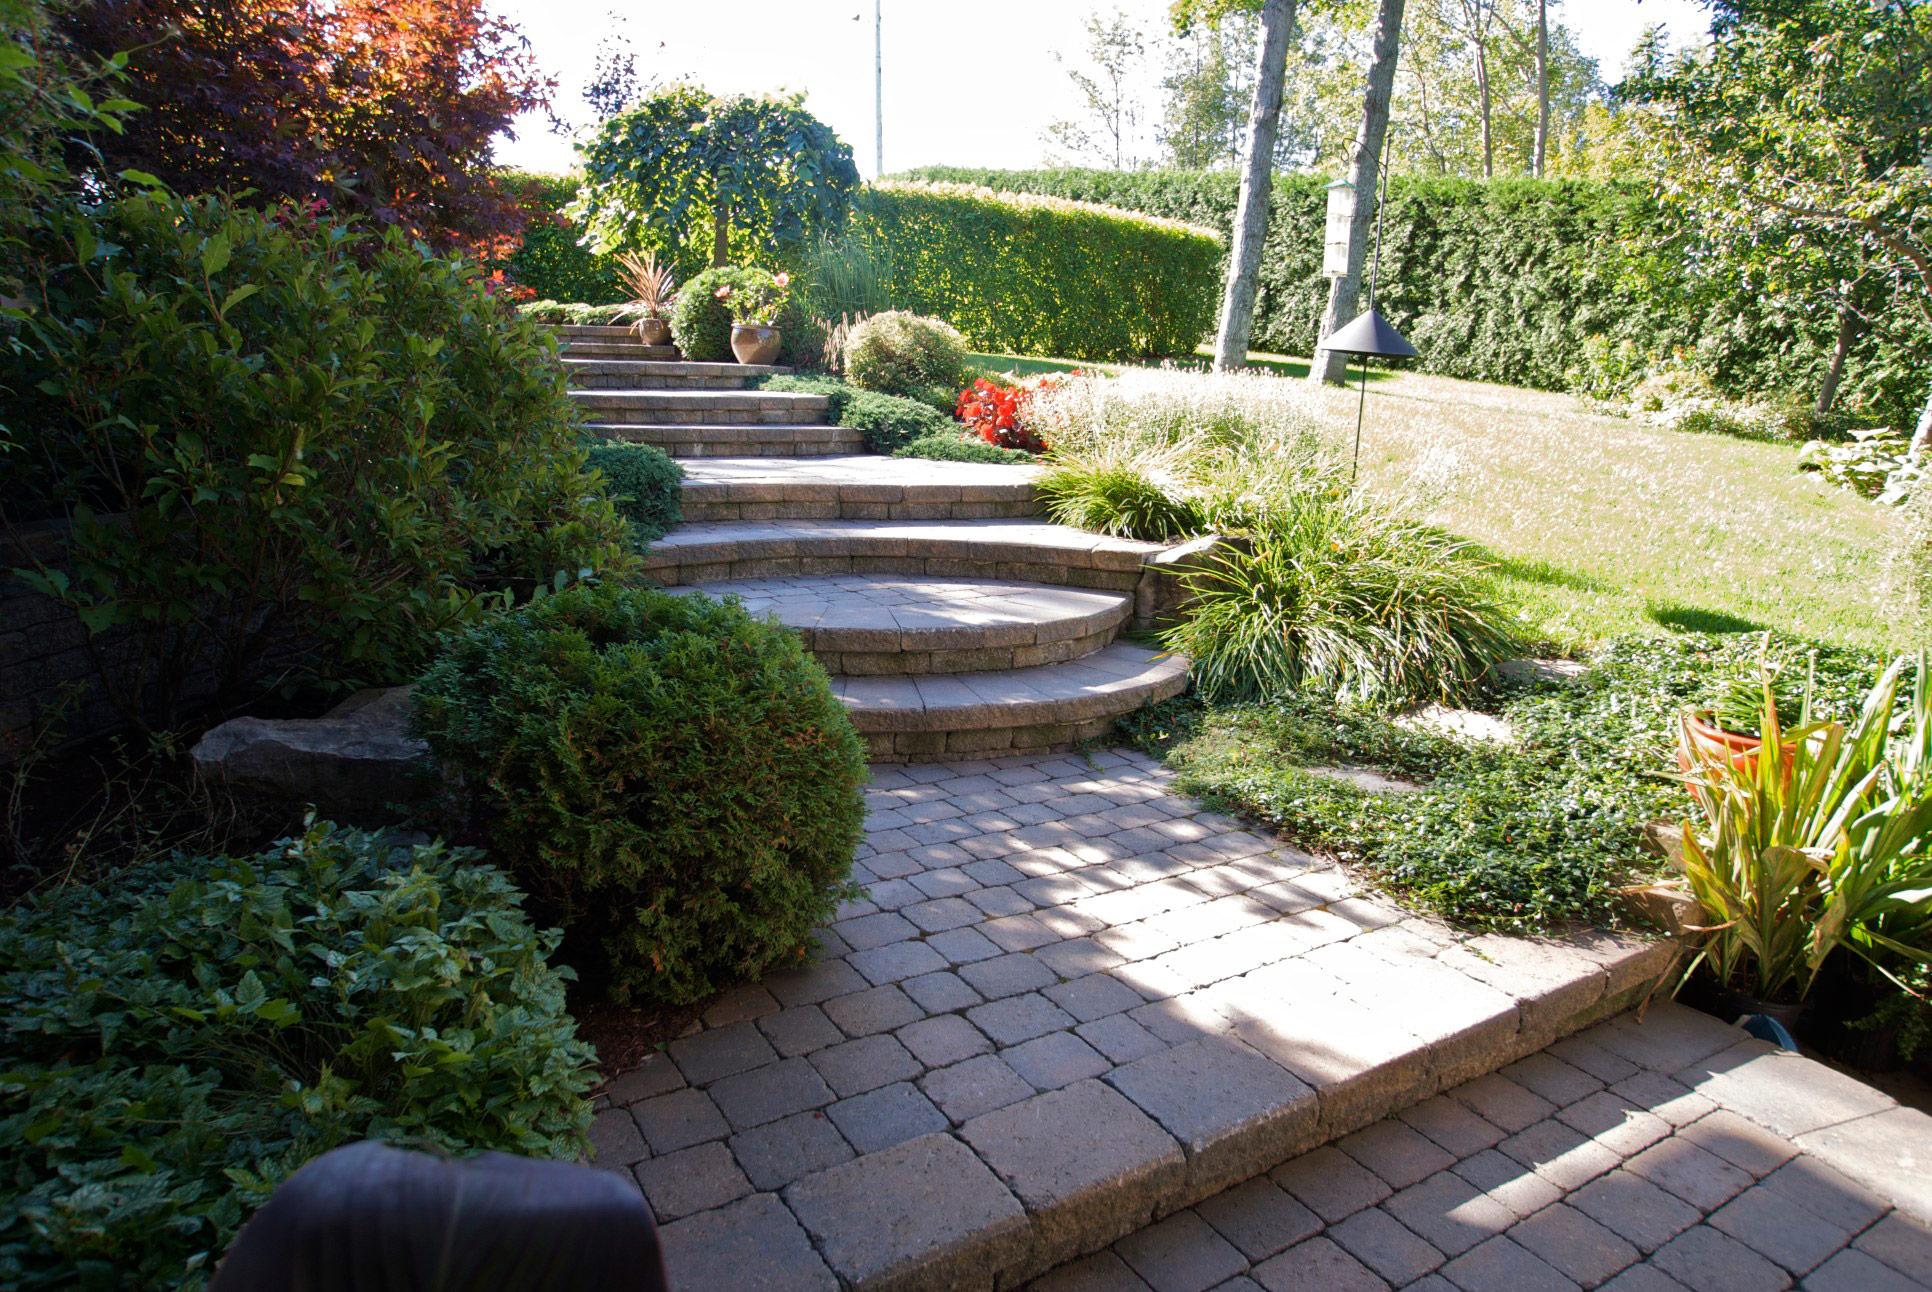 escalier exceptionnelle avec arbres et fleurs